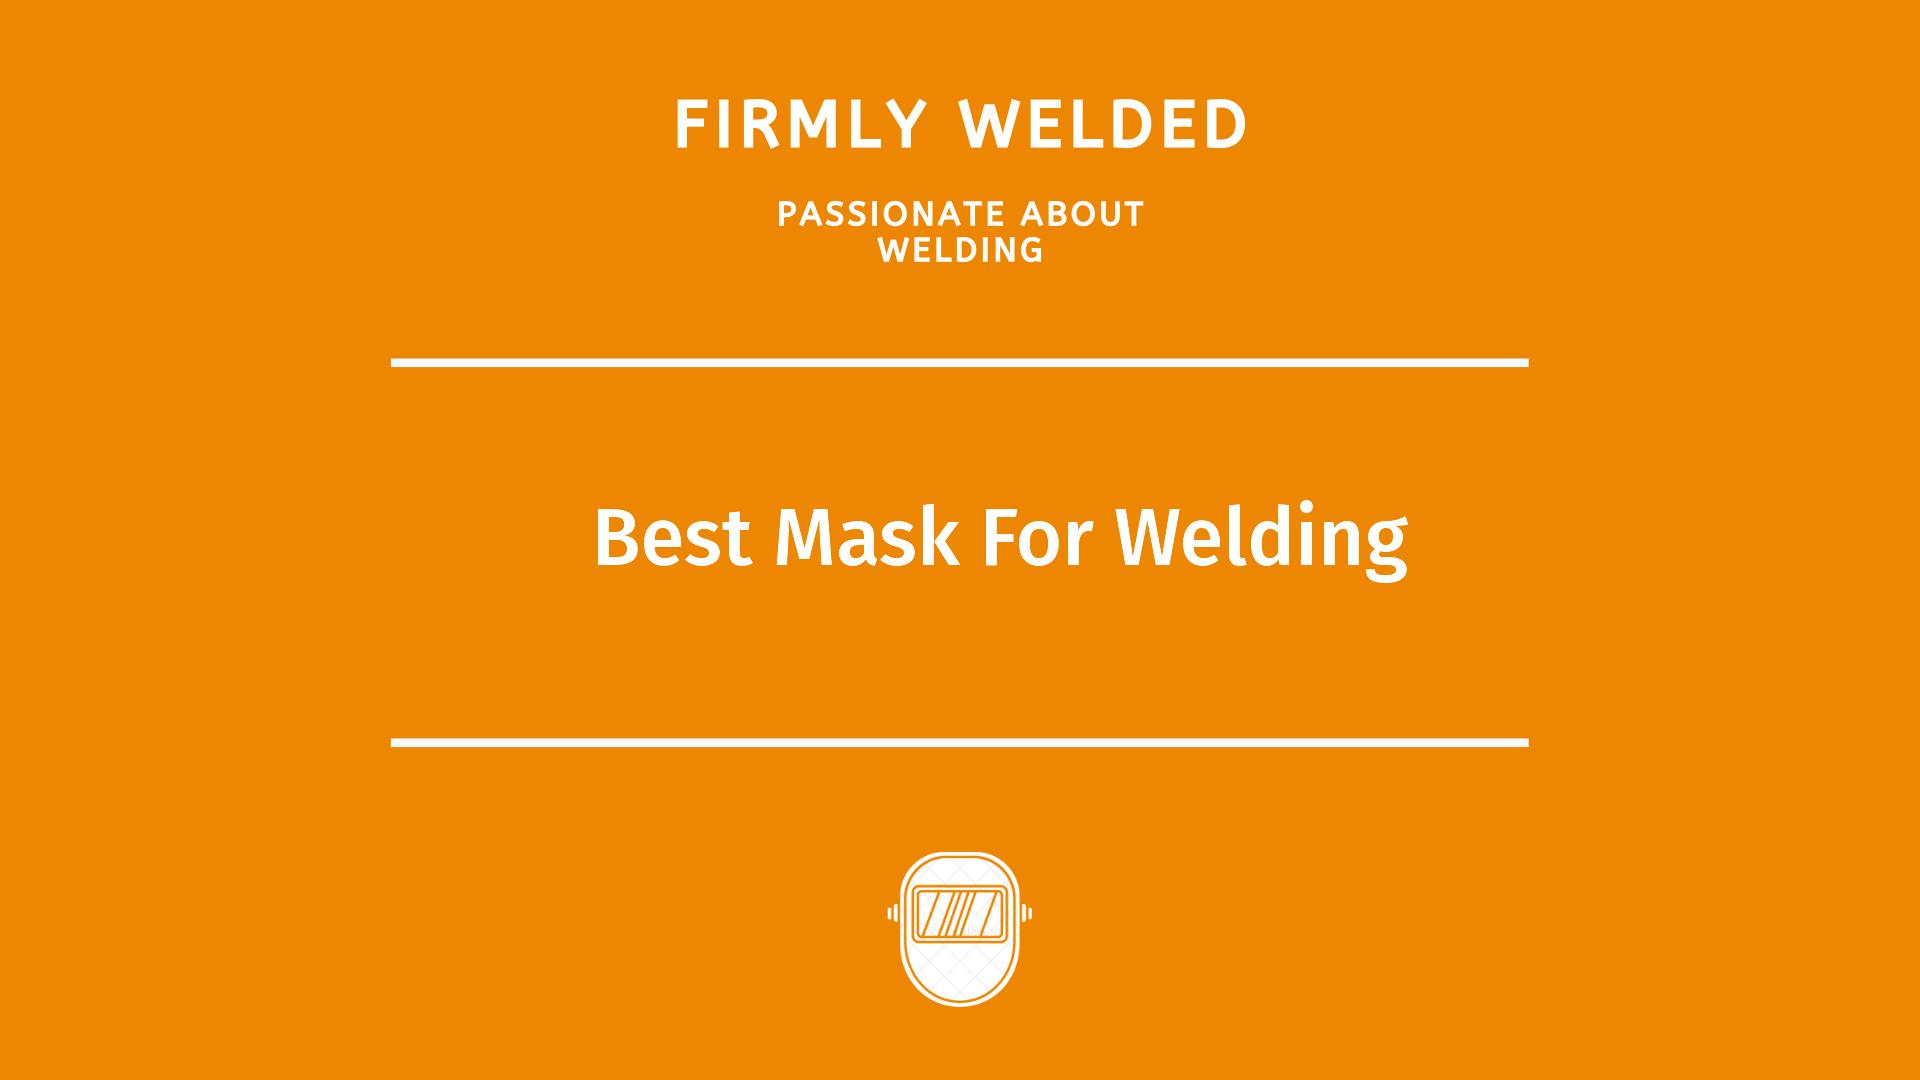 Best Mask For Welding